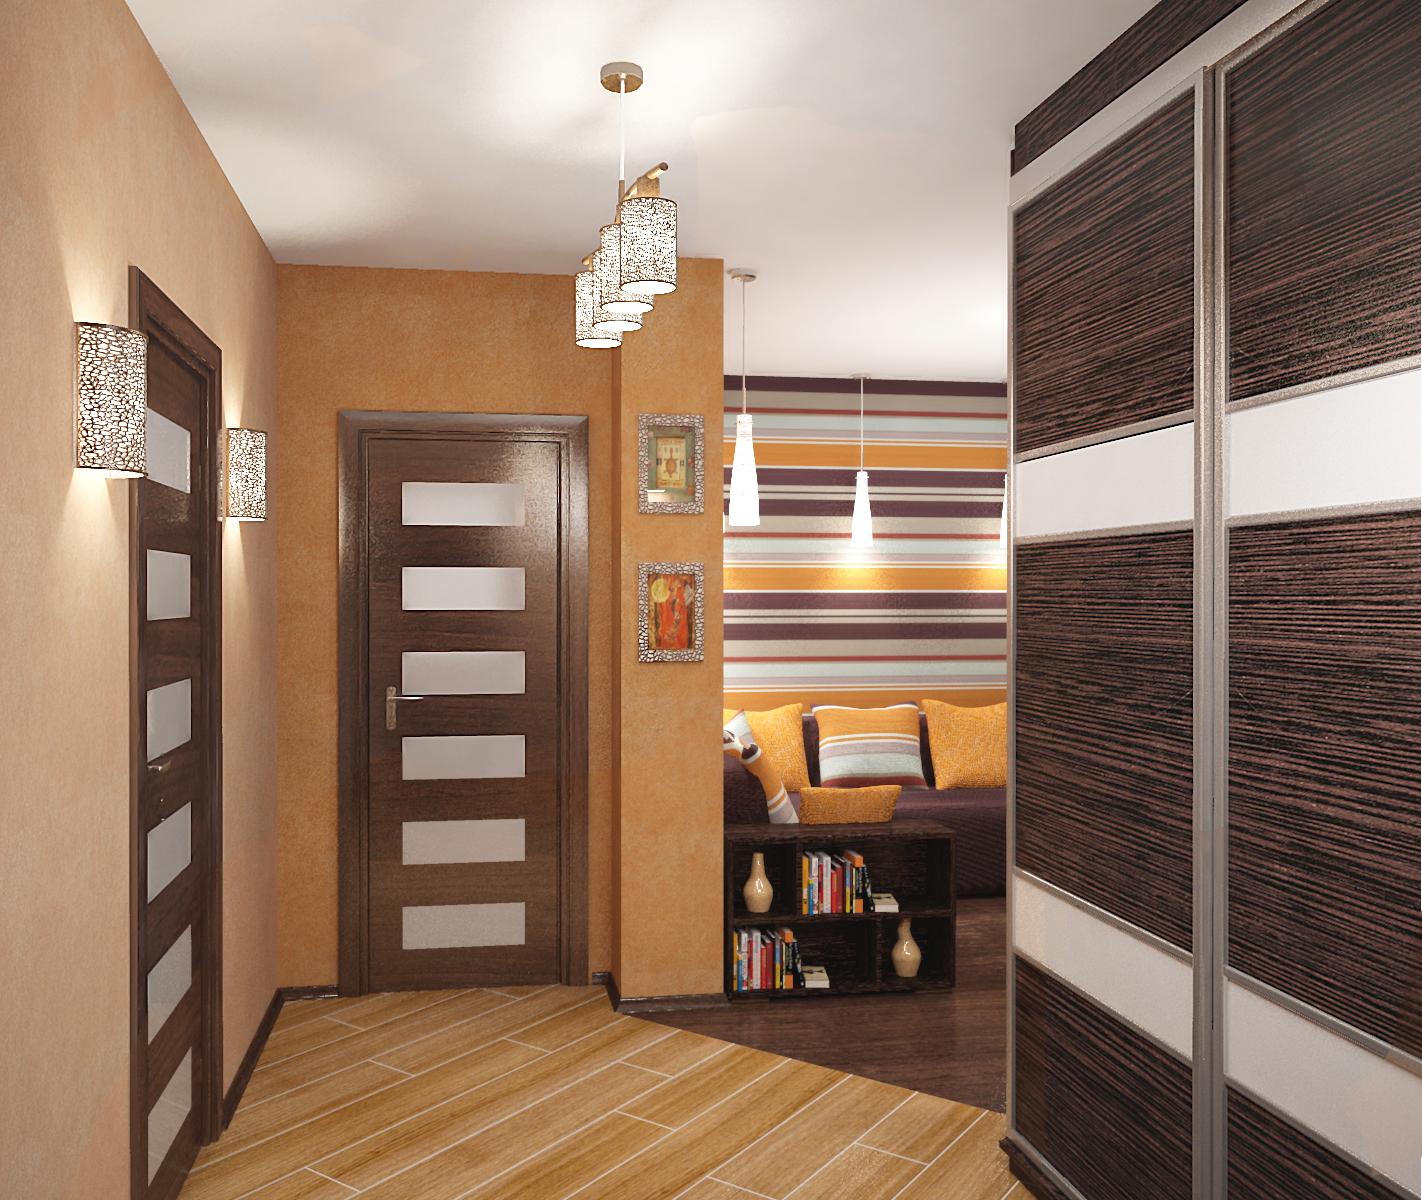 Пять дизайн-проектов квартир в панельном доме серии ИП-46С